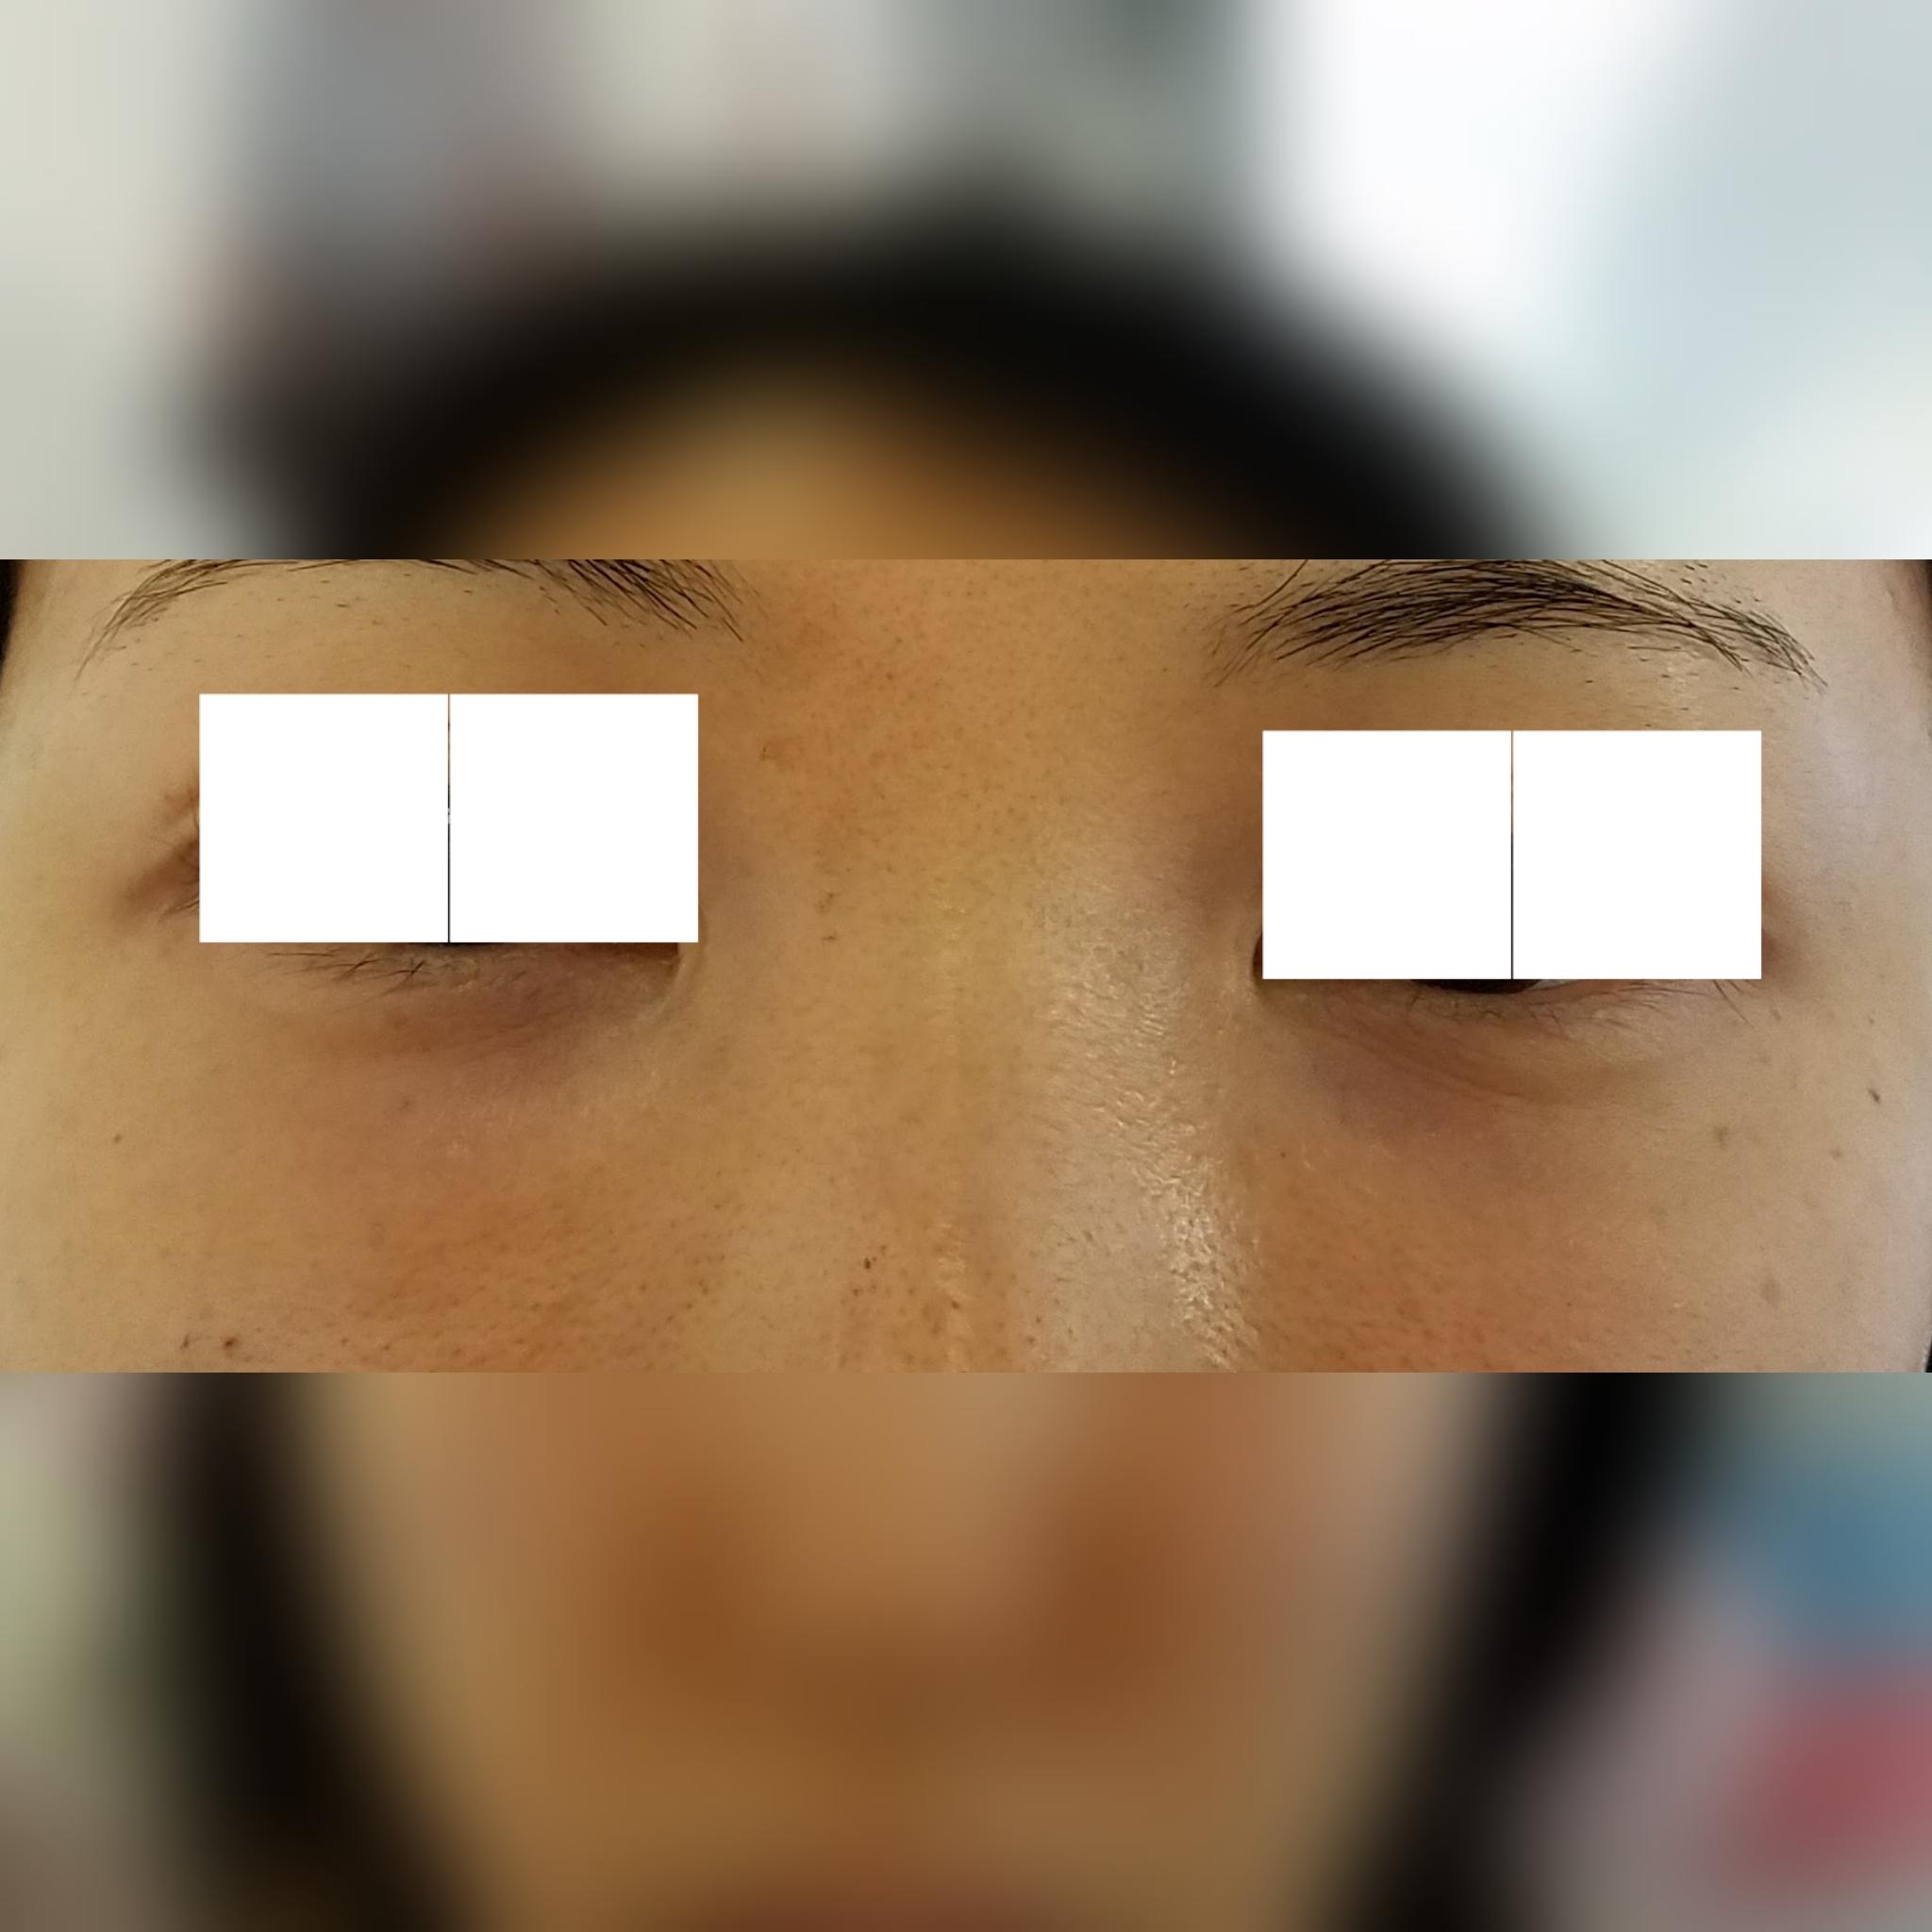 目元の整形、目のクマ治療 (ヒアルロン酸注射) 施術後